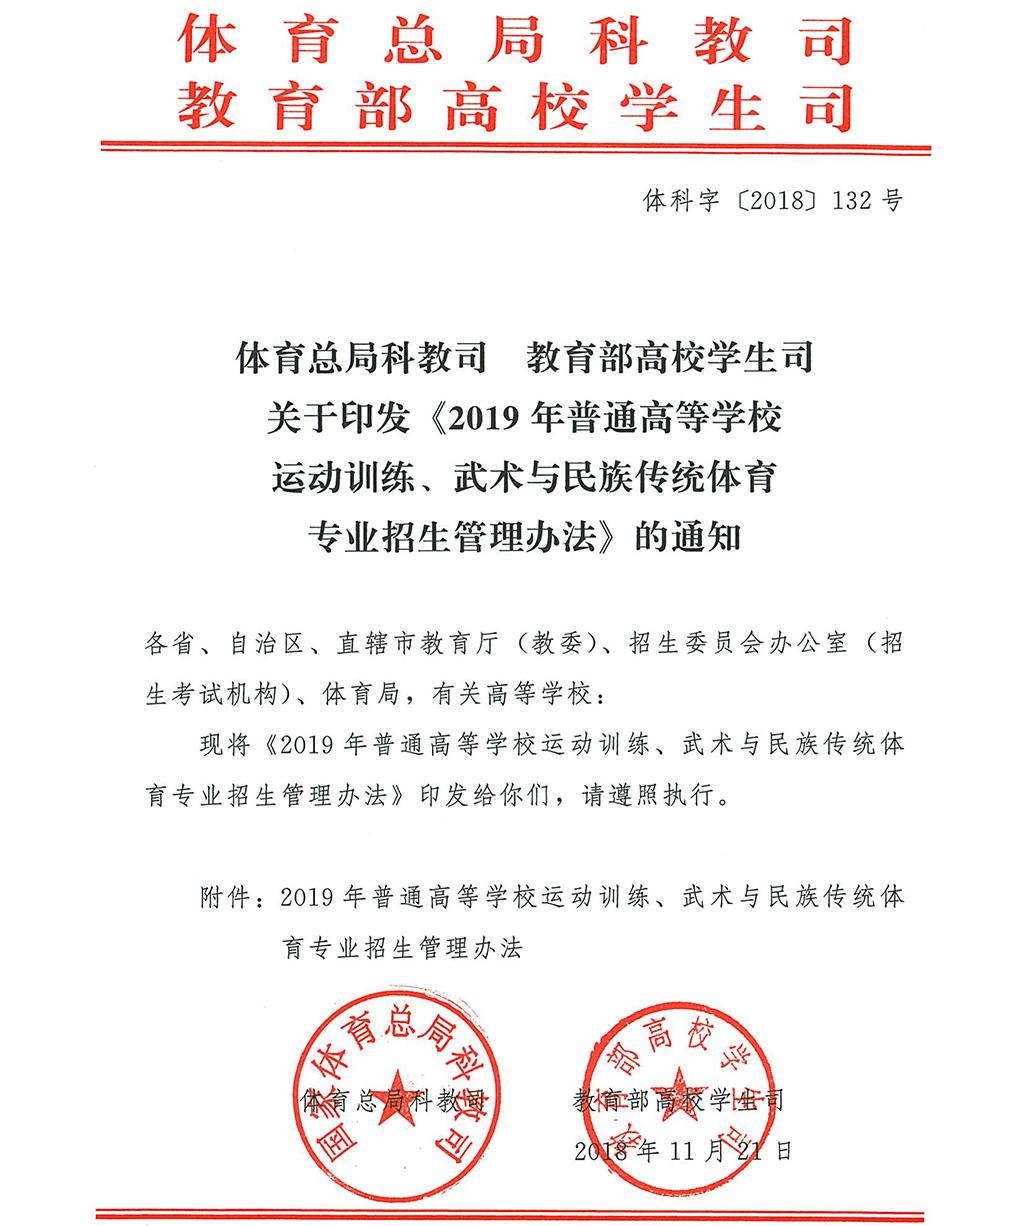 2019年体育单招管理办法�z2018�{132号-1.jpg